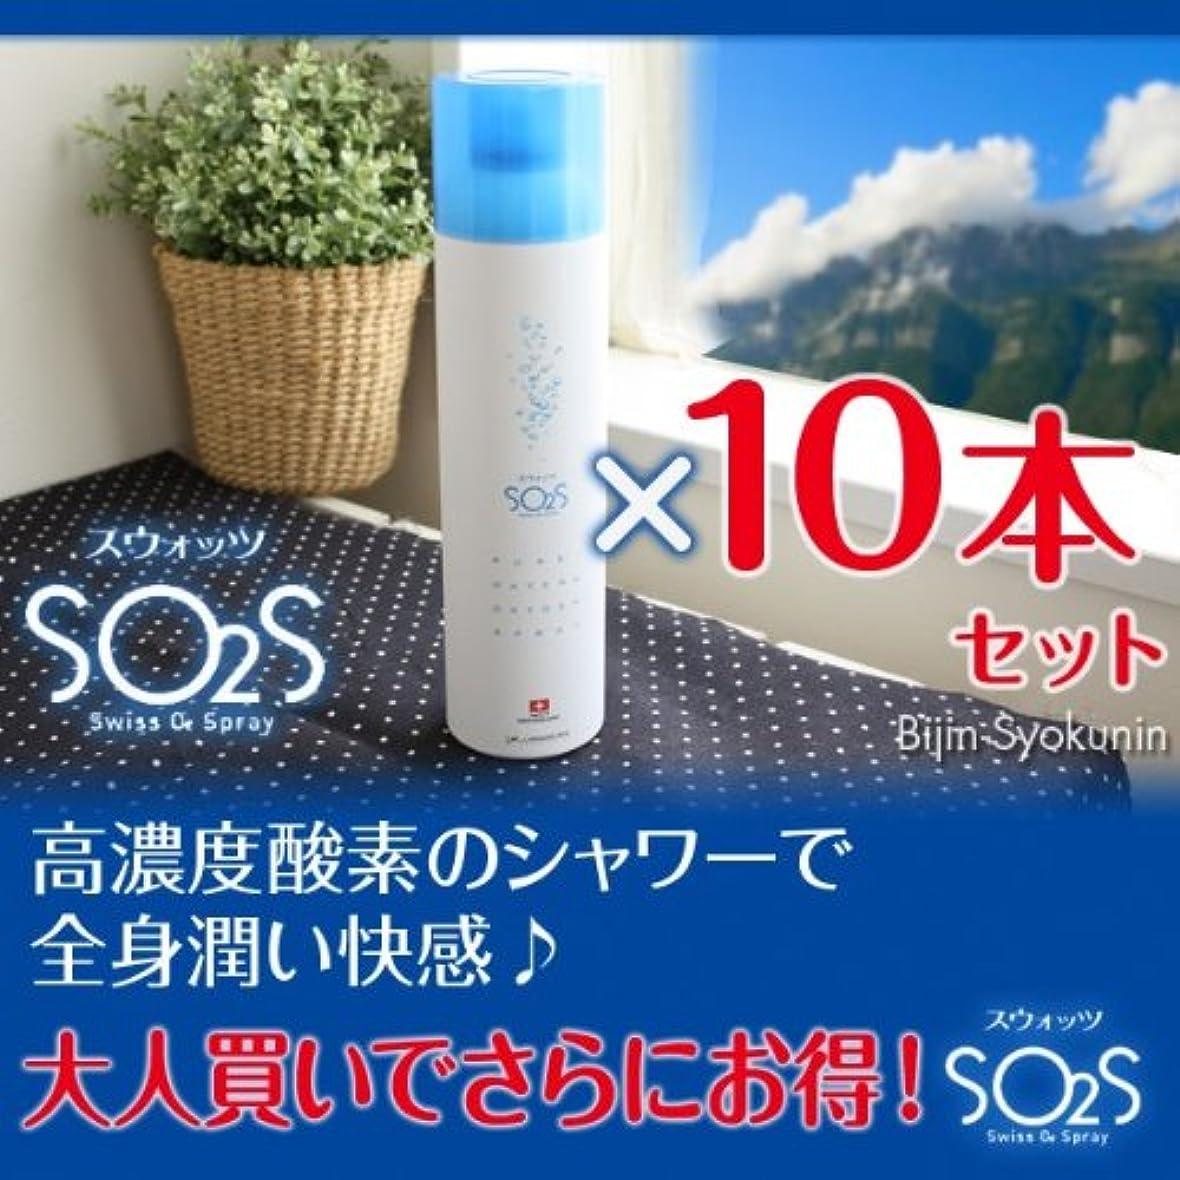 バング成り立つ国際スウォッツ (300ml) 10本セット【SO2S】